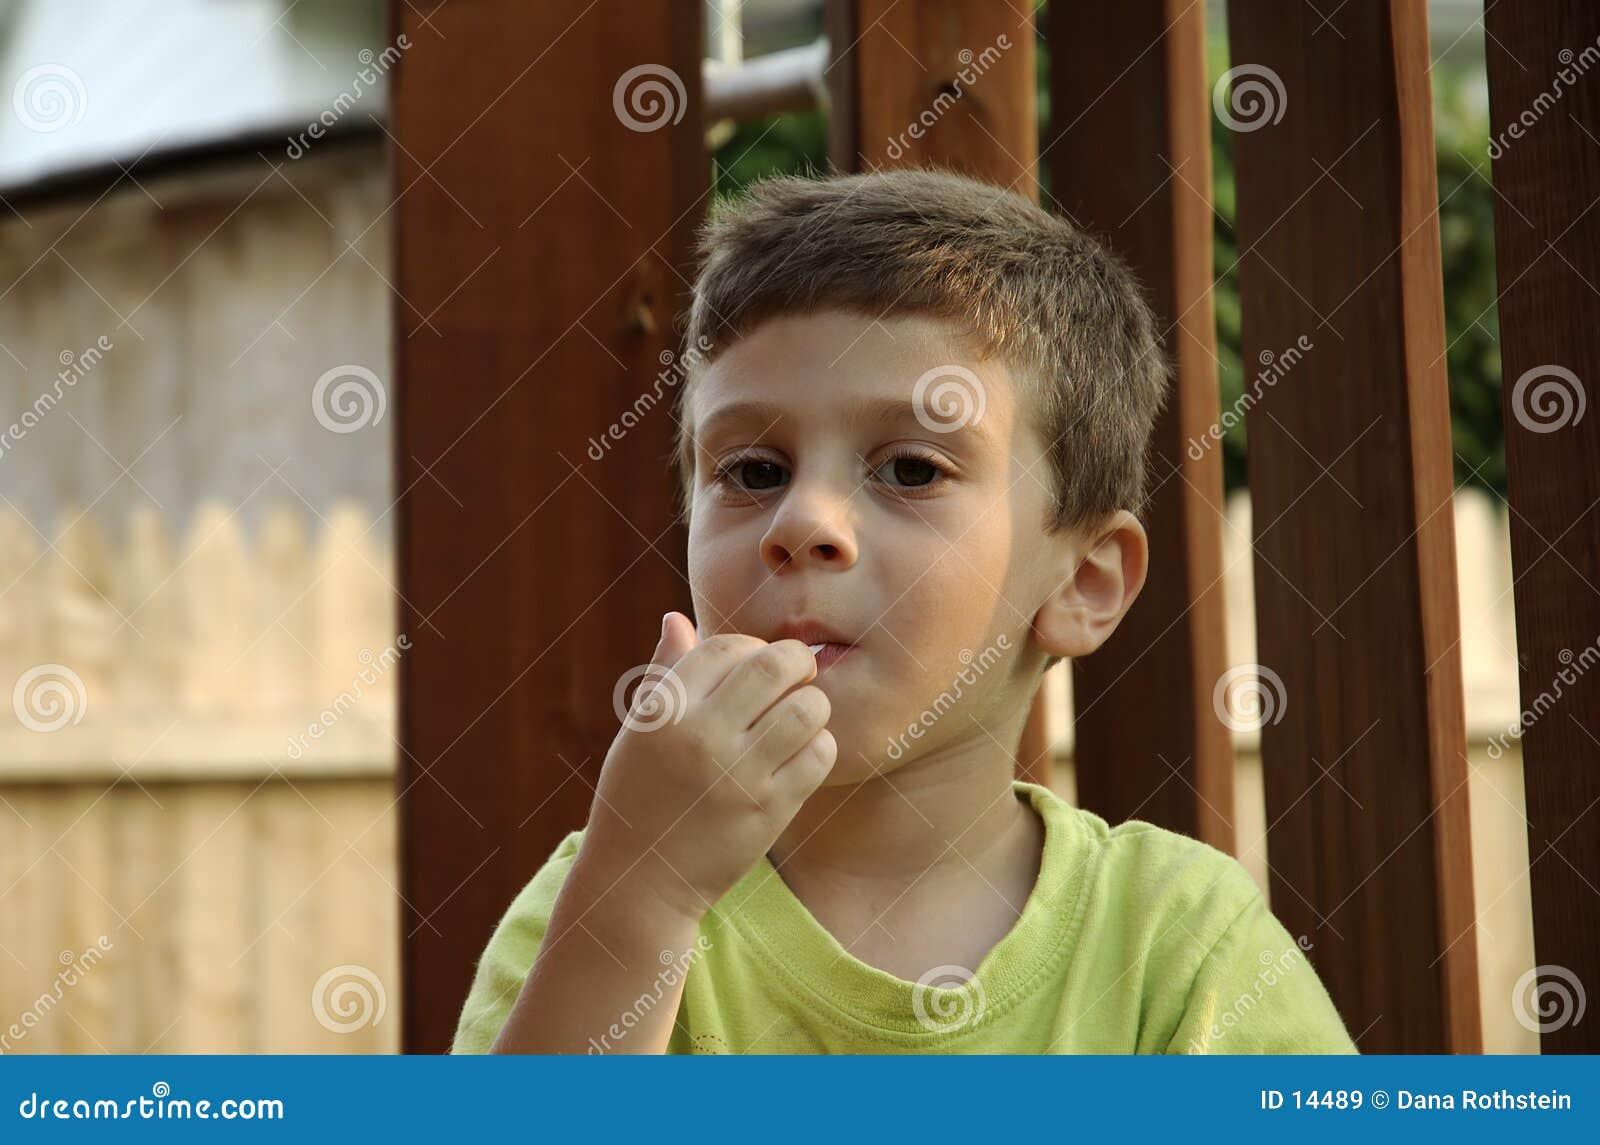 Child WIth Gum